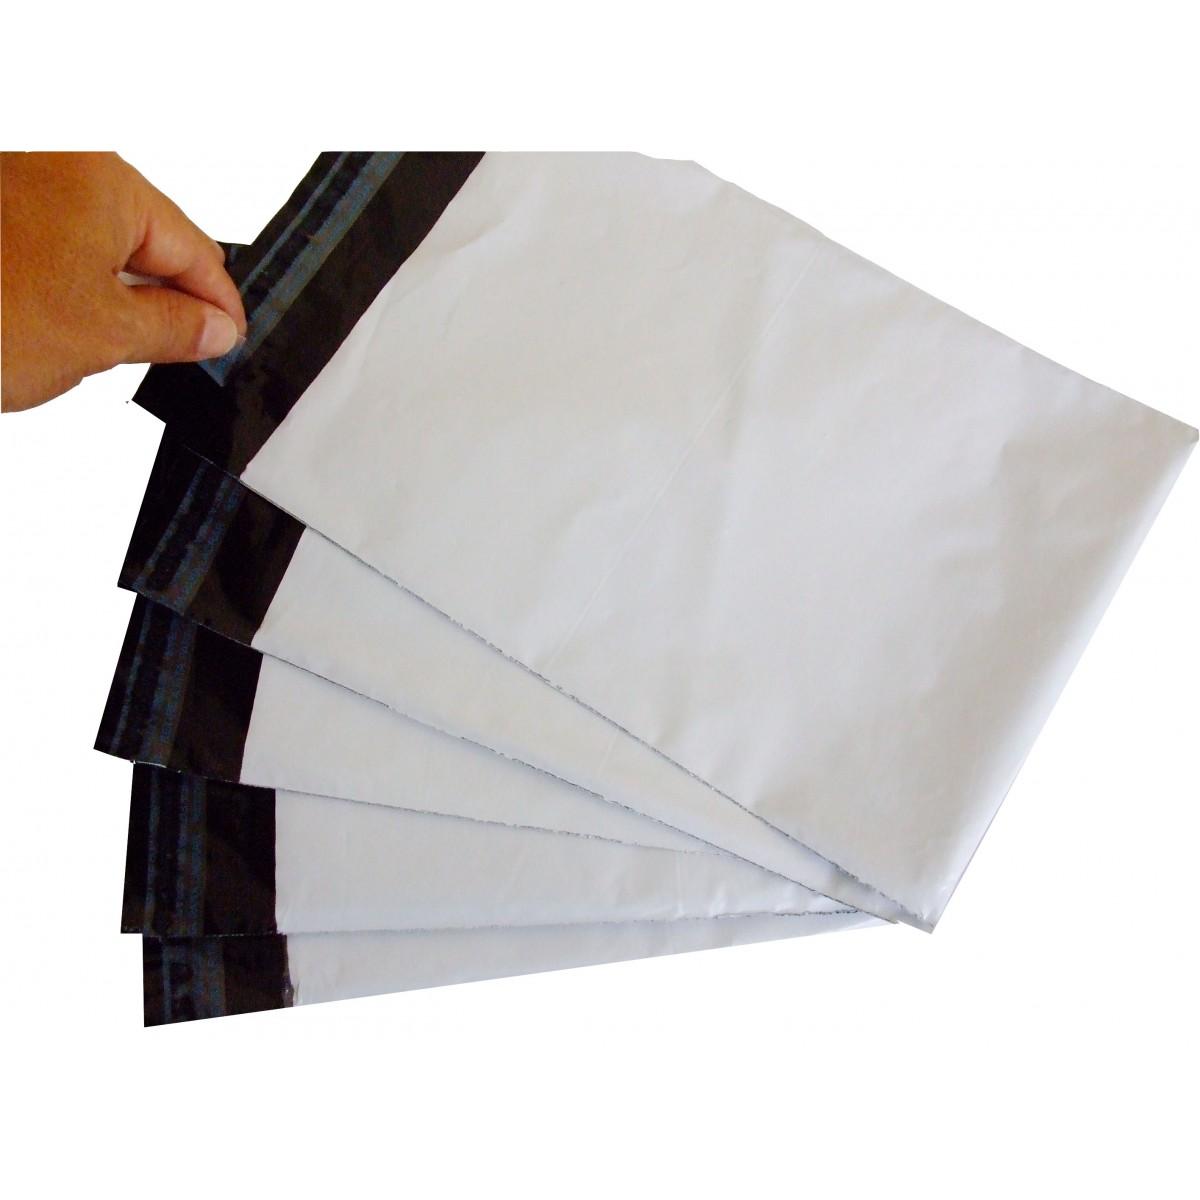 Sacola Plástica PEAD Cadeado 250 Unidades